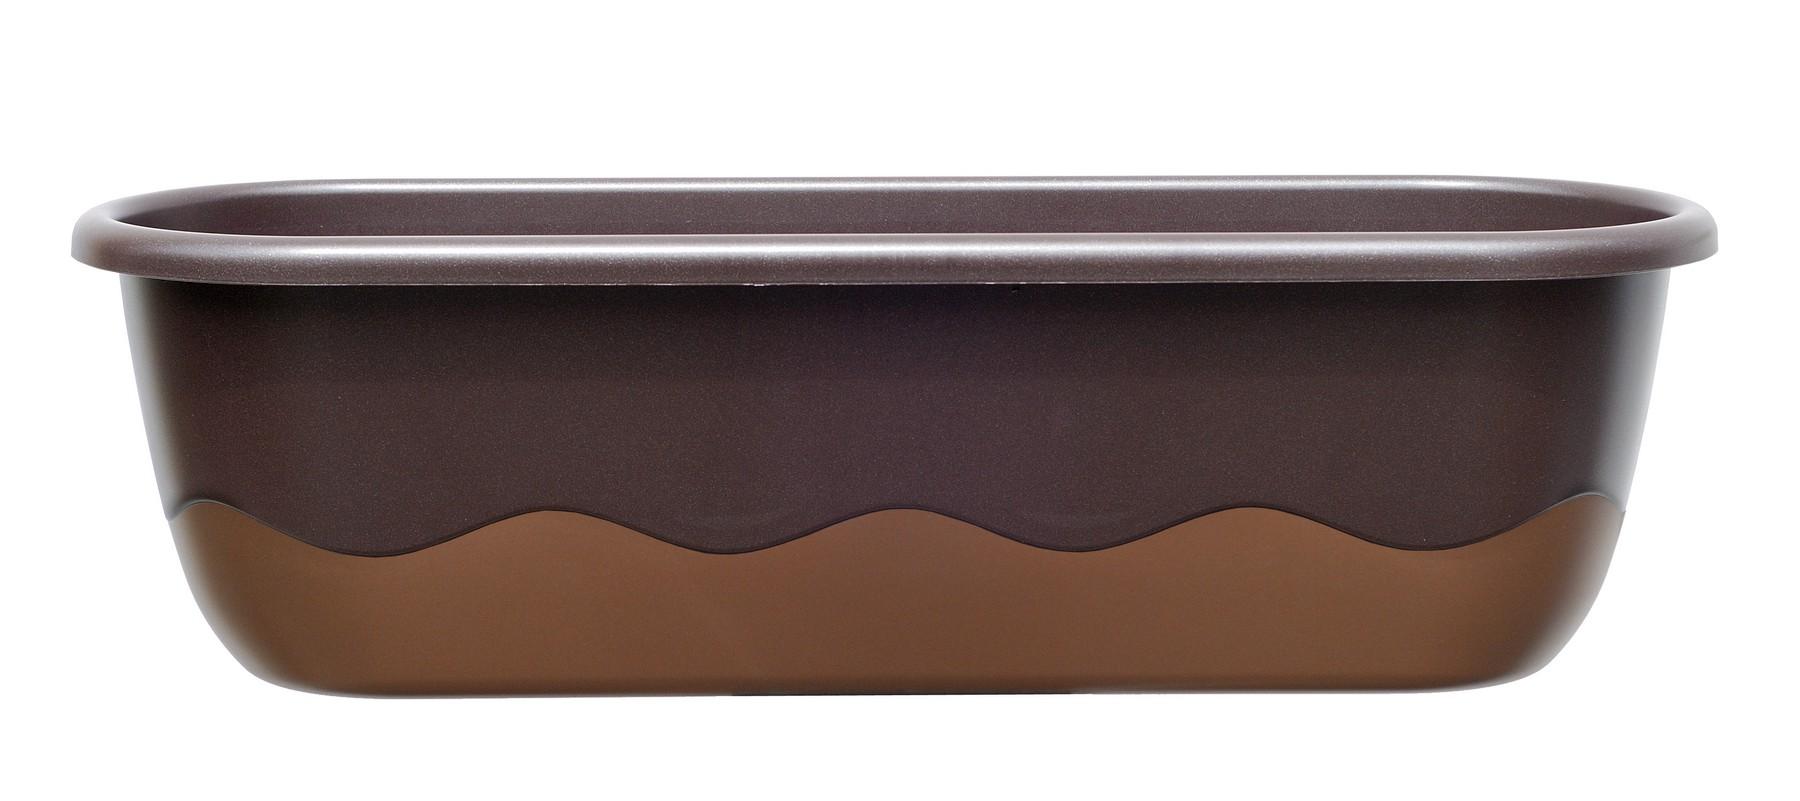 Samozavlažovací truhlík MARETA 60, čoko + bronz